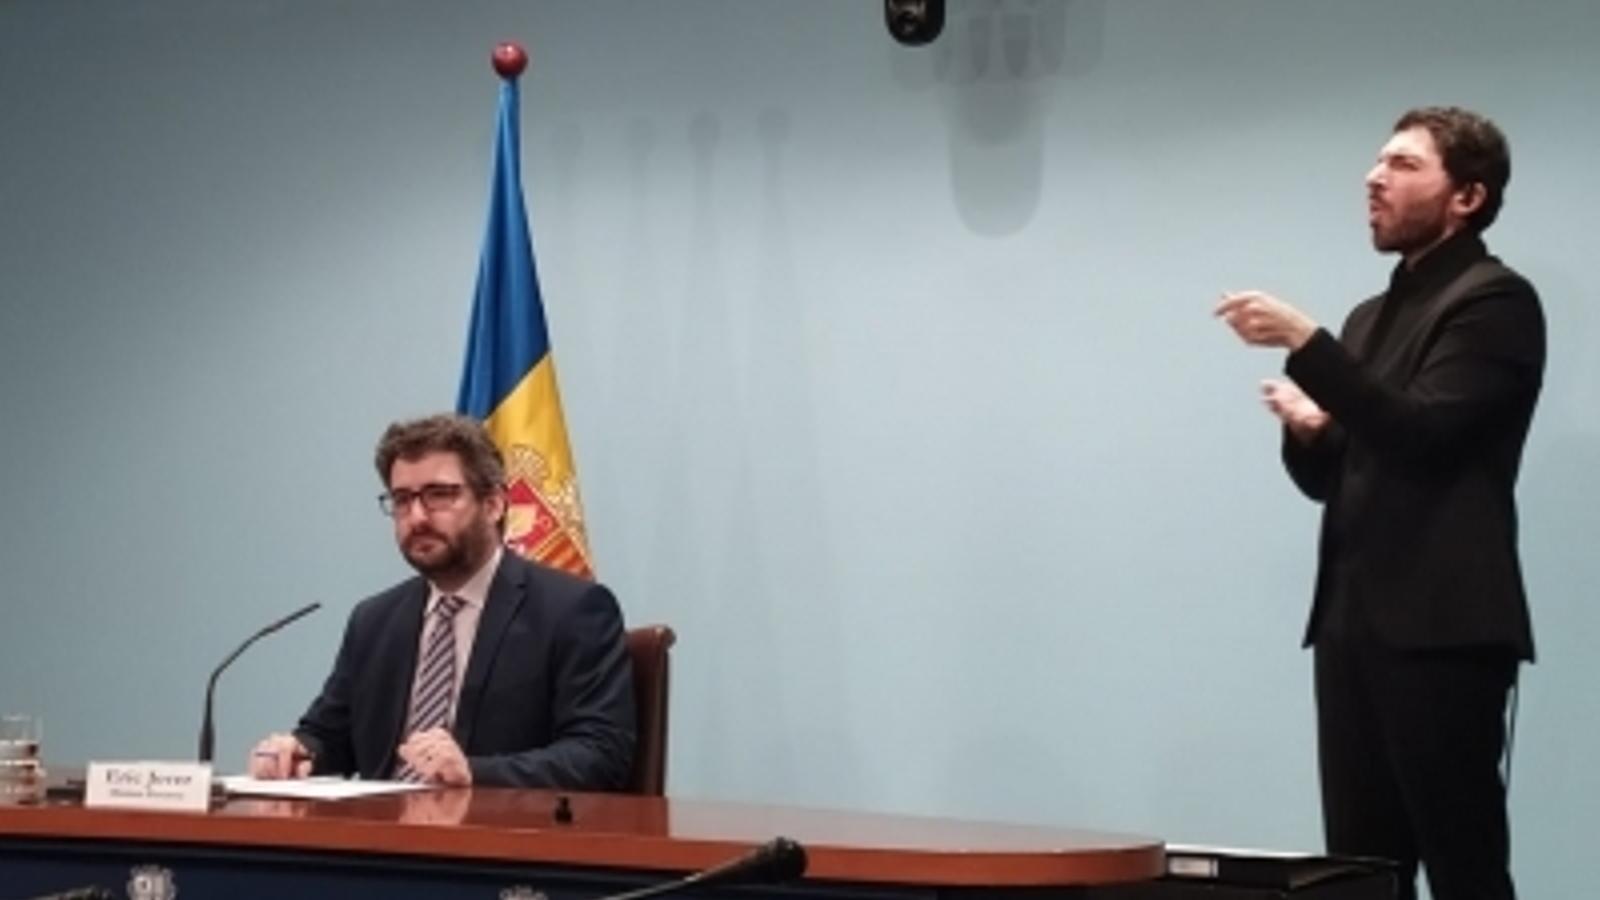 El ministre portaveu, Eric Jover, durant la roda de premsa. / SFG